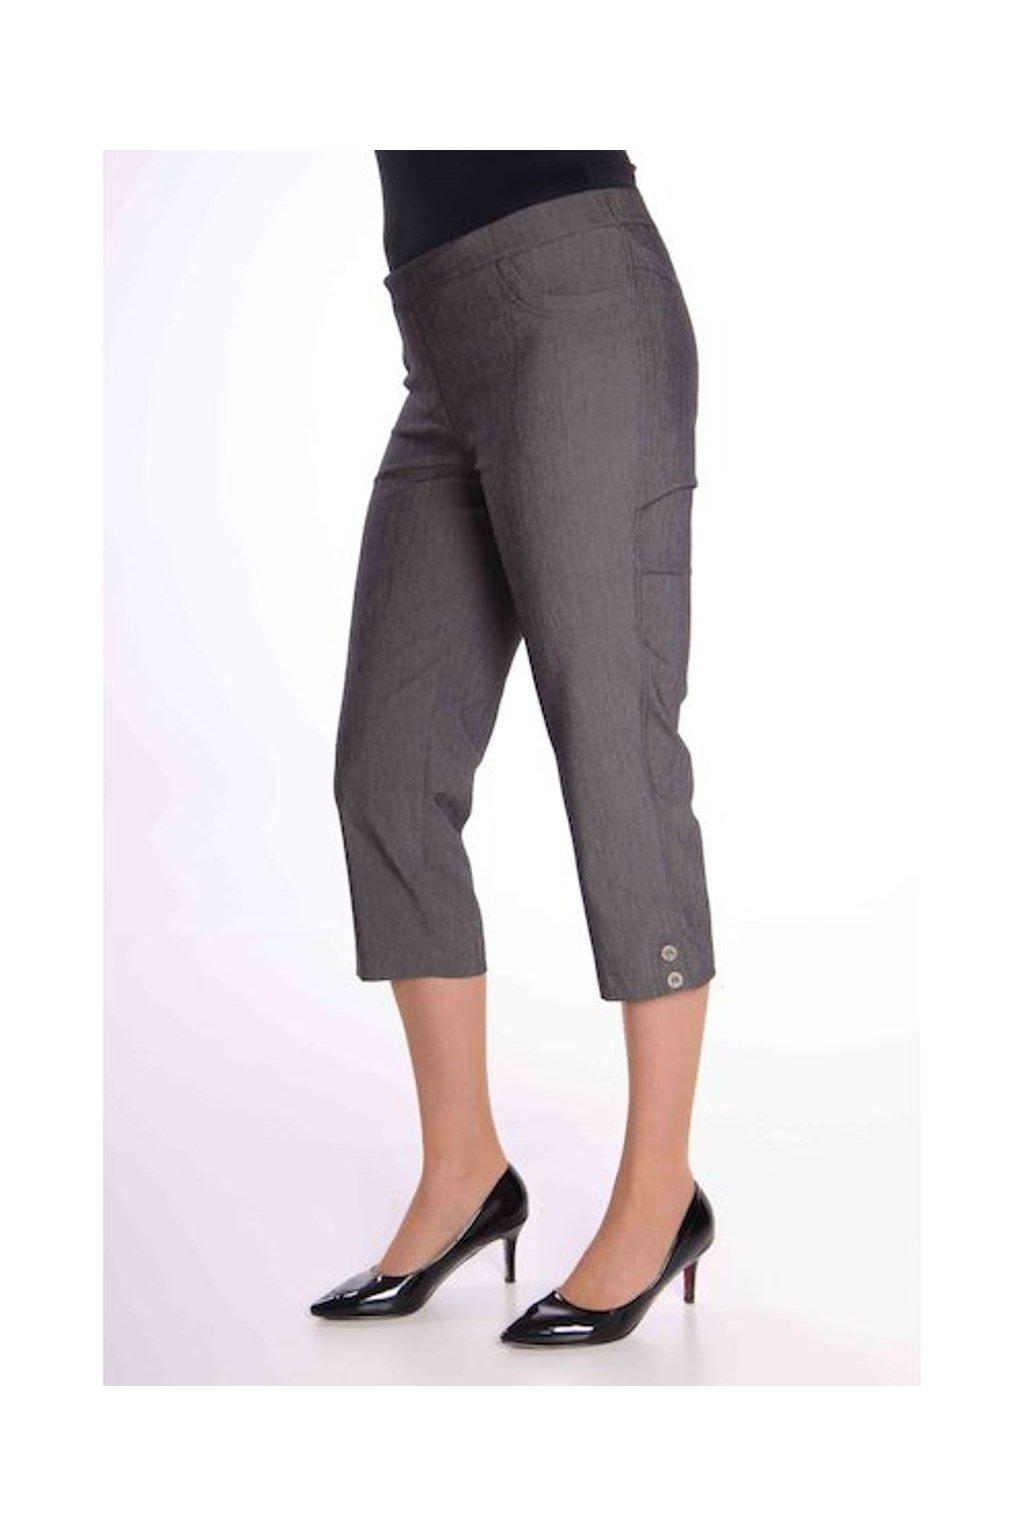 69T Kalhoty Julie (Velikost 36, Barva Černá)